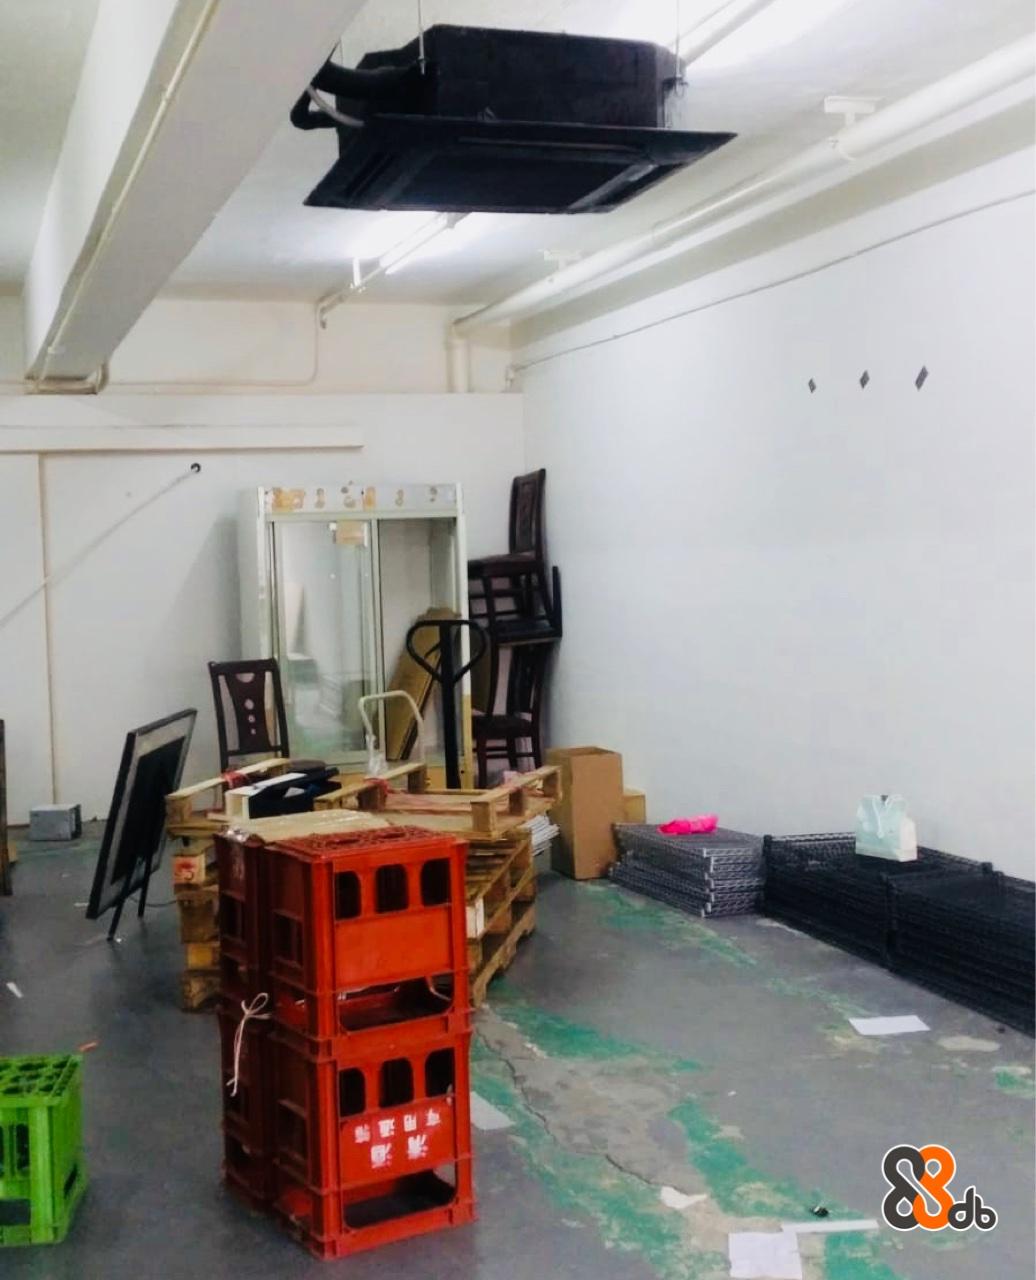 Room,Ceiling,Building,Interior design,